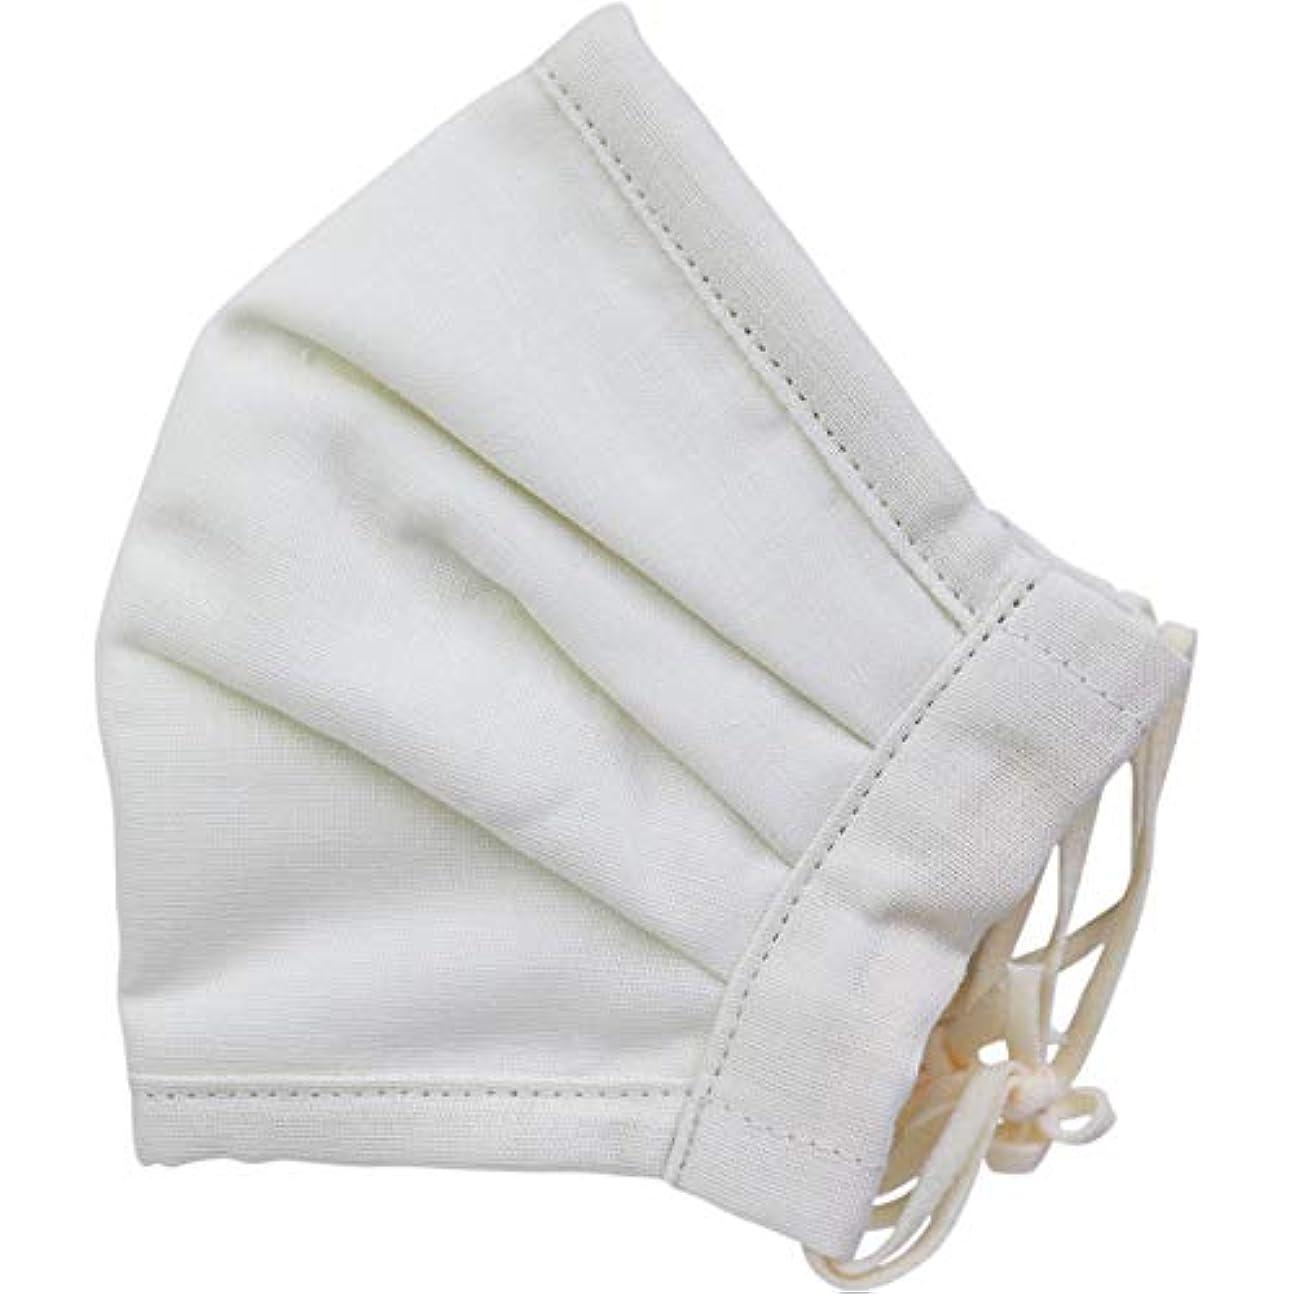 不条理トリッキー教育者さらふわマスクダイヤドビー 敏感肌用 アイボリー 少し大きめサイズ 1枚入×5個セット